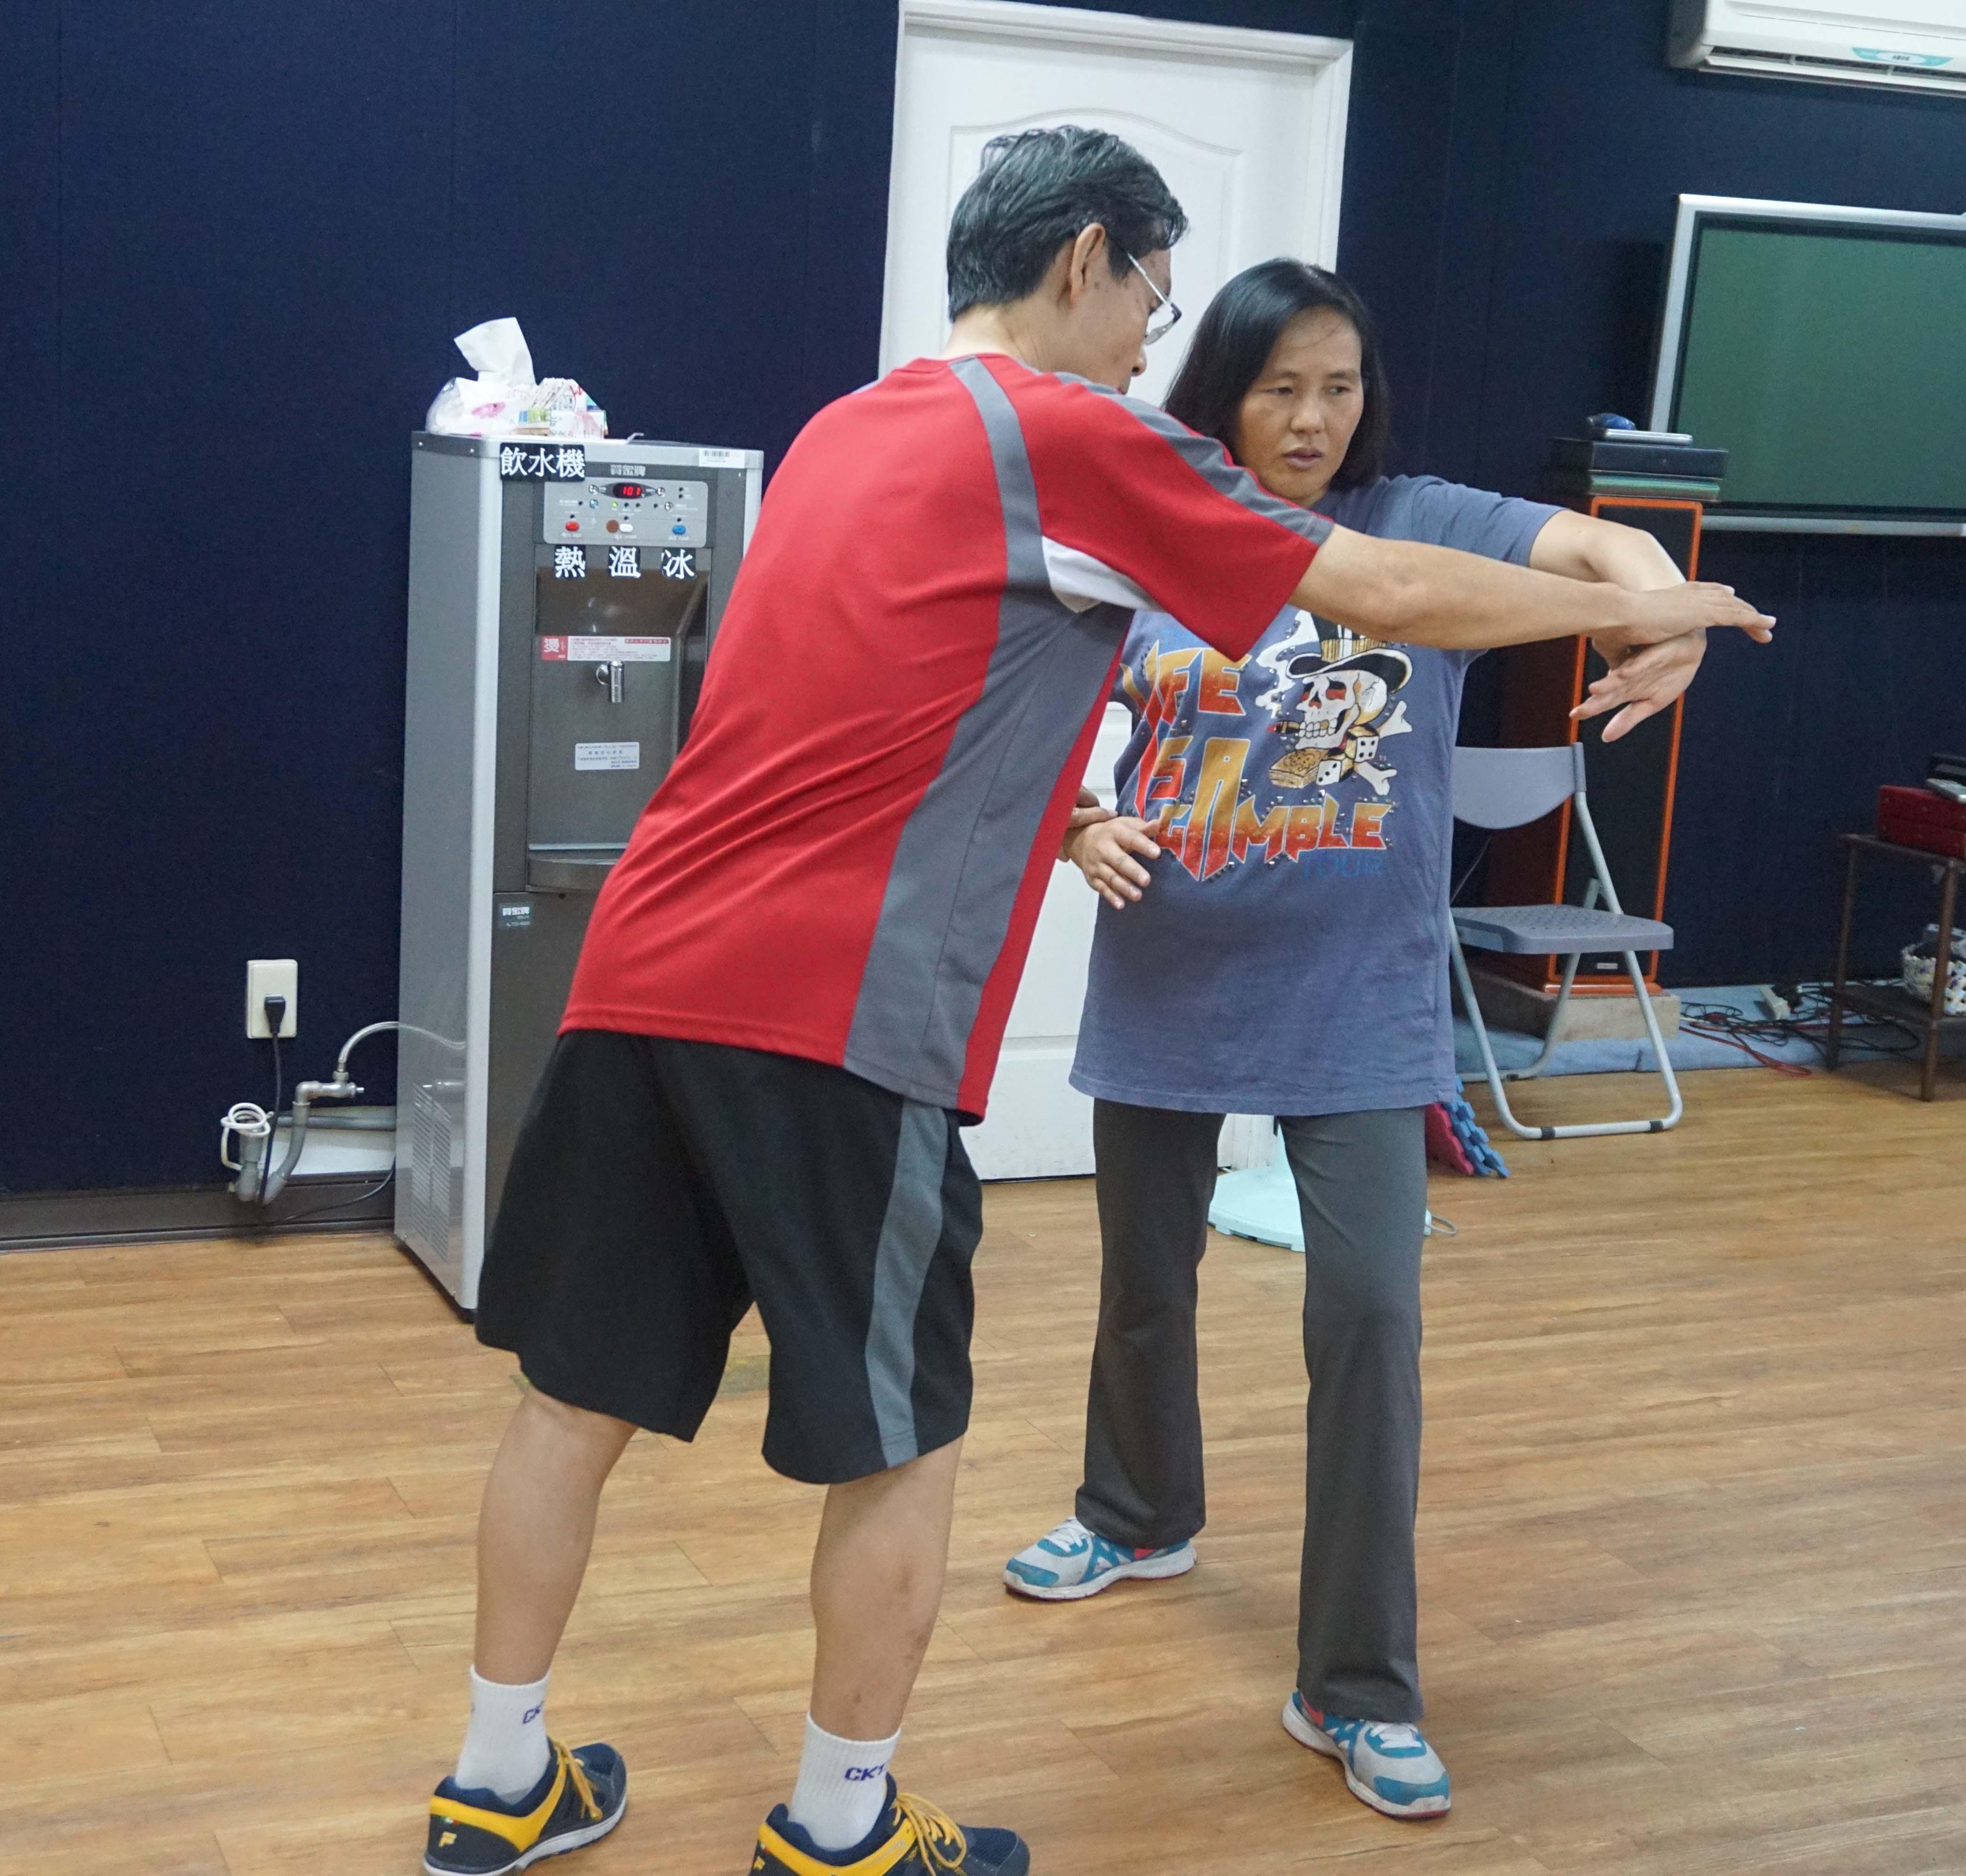 媛玲參加社區大學生活武術班